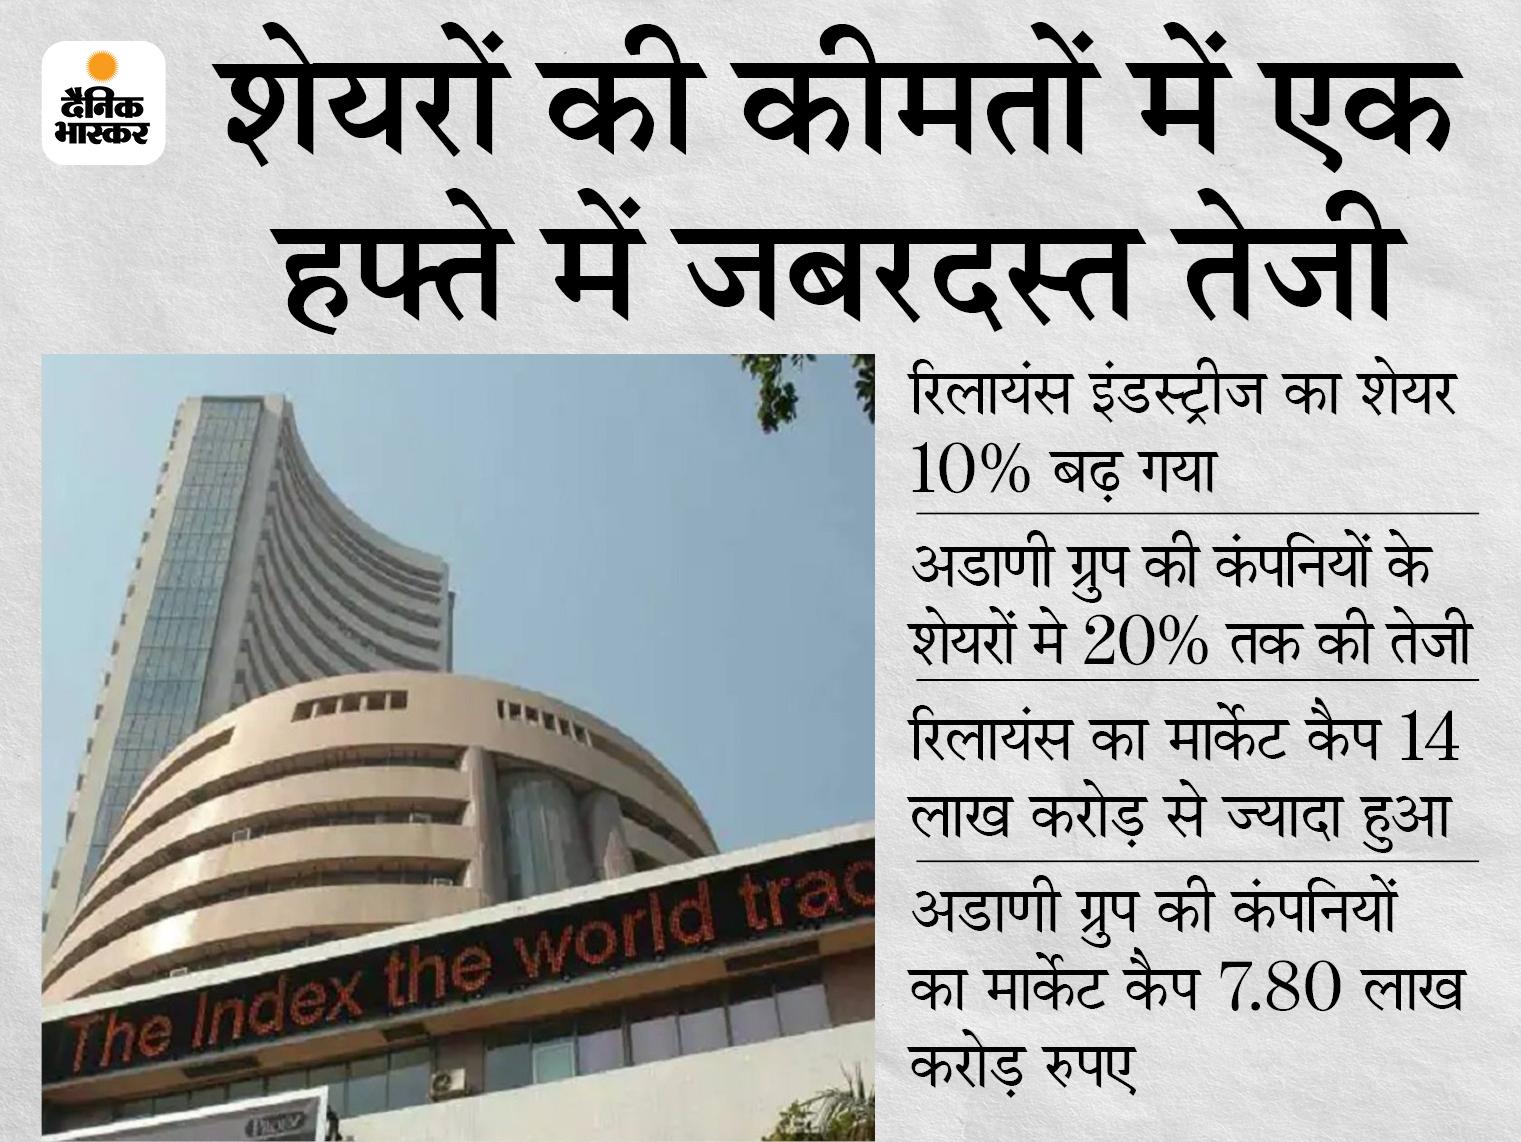 अंबानी से आगे निकलने में अडाणी को है मुश्किल, रिलायंस के शेयरों में अचानक तेजी ने बिगाड़ा गणित बिजनेस,Business - Dainik Bhaskar